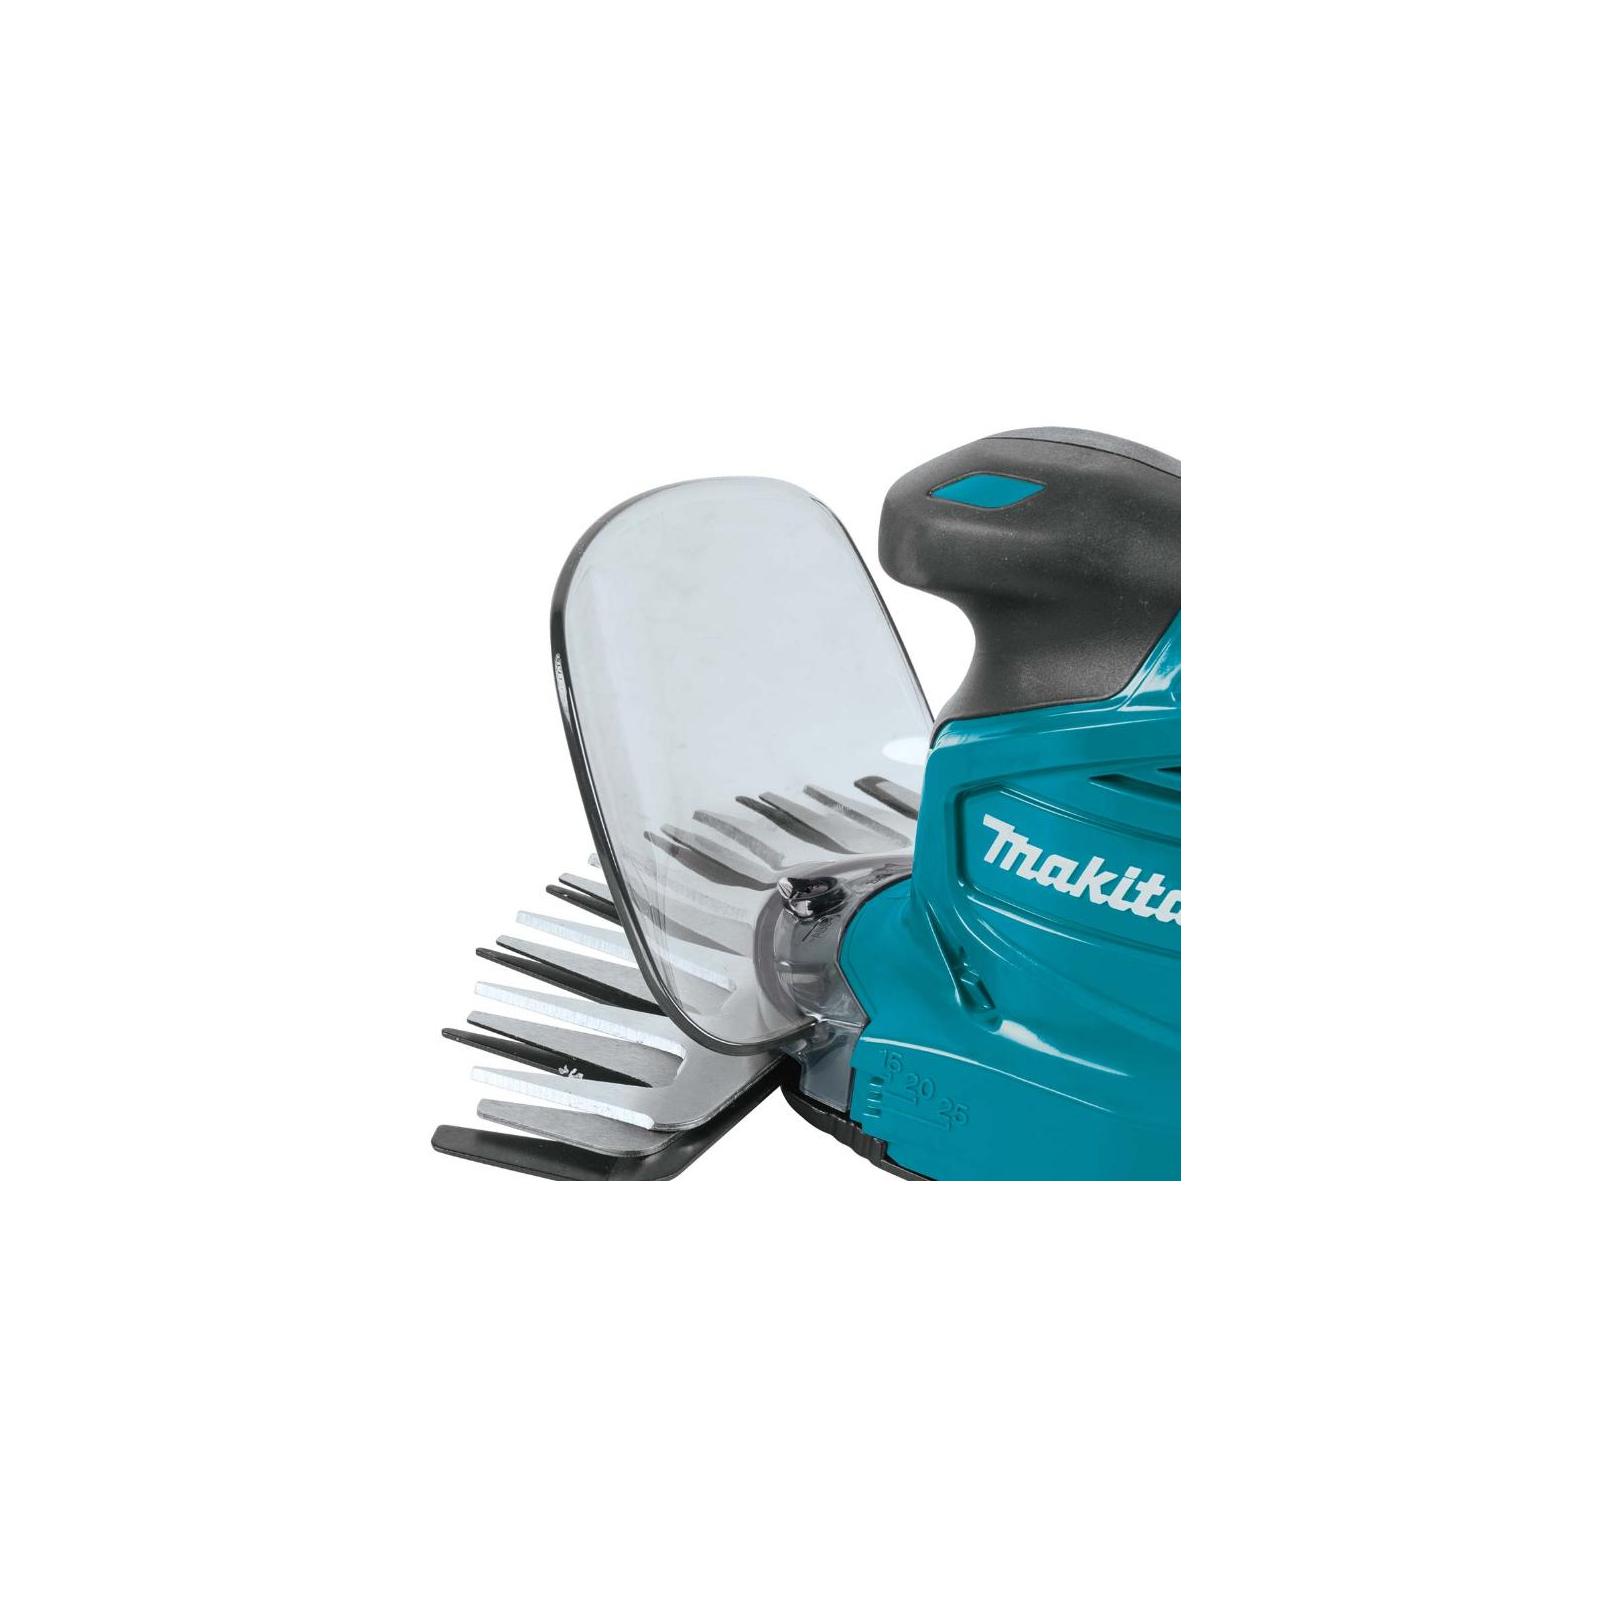 Кусторез Makita для травы аккумуляторные LXT, 18В, 160мм (DUM604Z) изображение 2